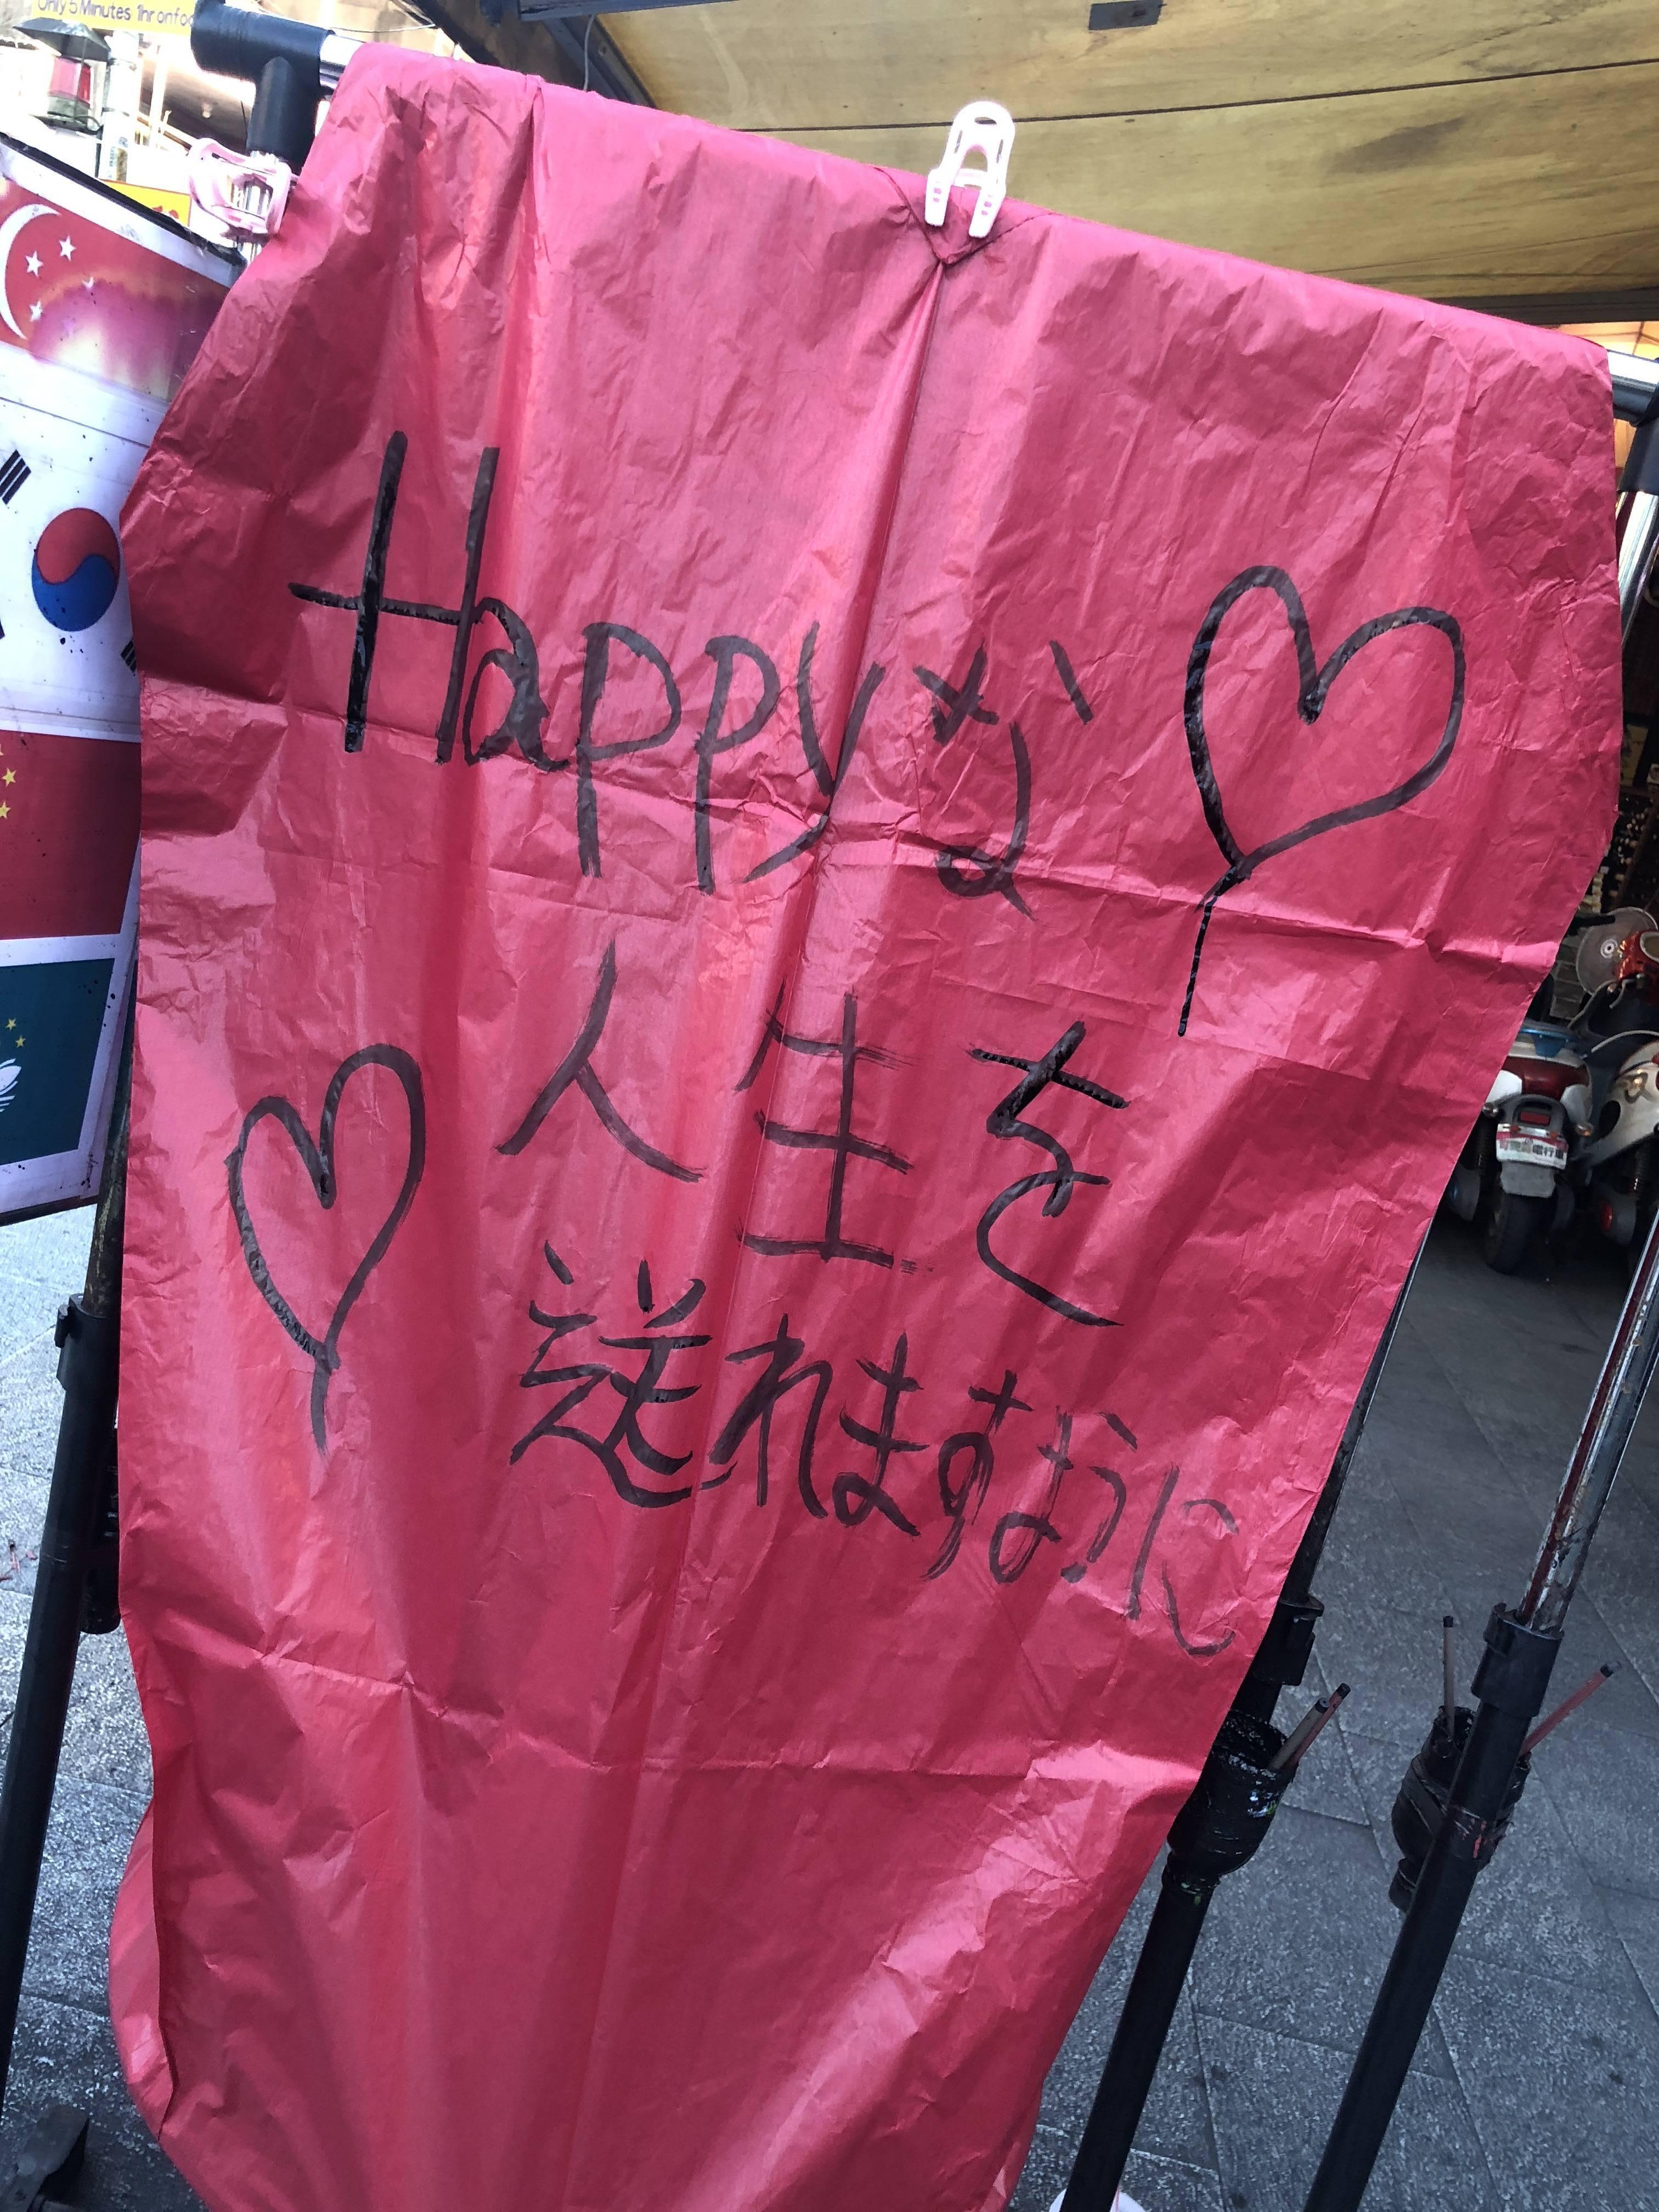 Vol.69♡ 初めての台湾旅行!オススメ観光スポットとグルメ情報♡_1_4-1